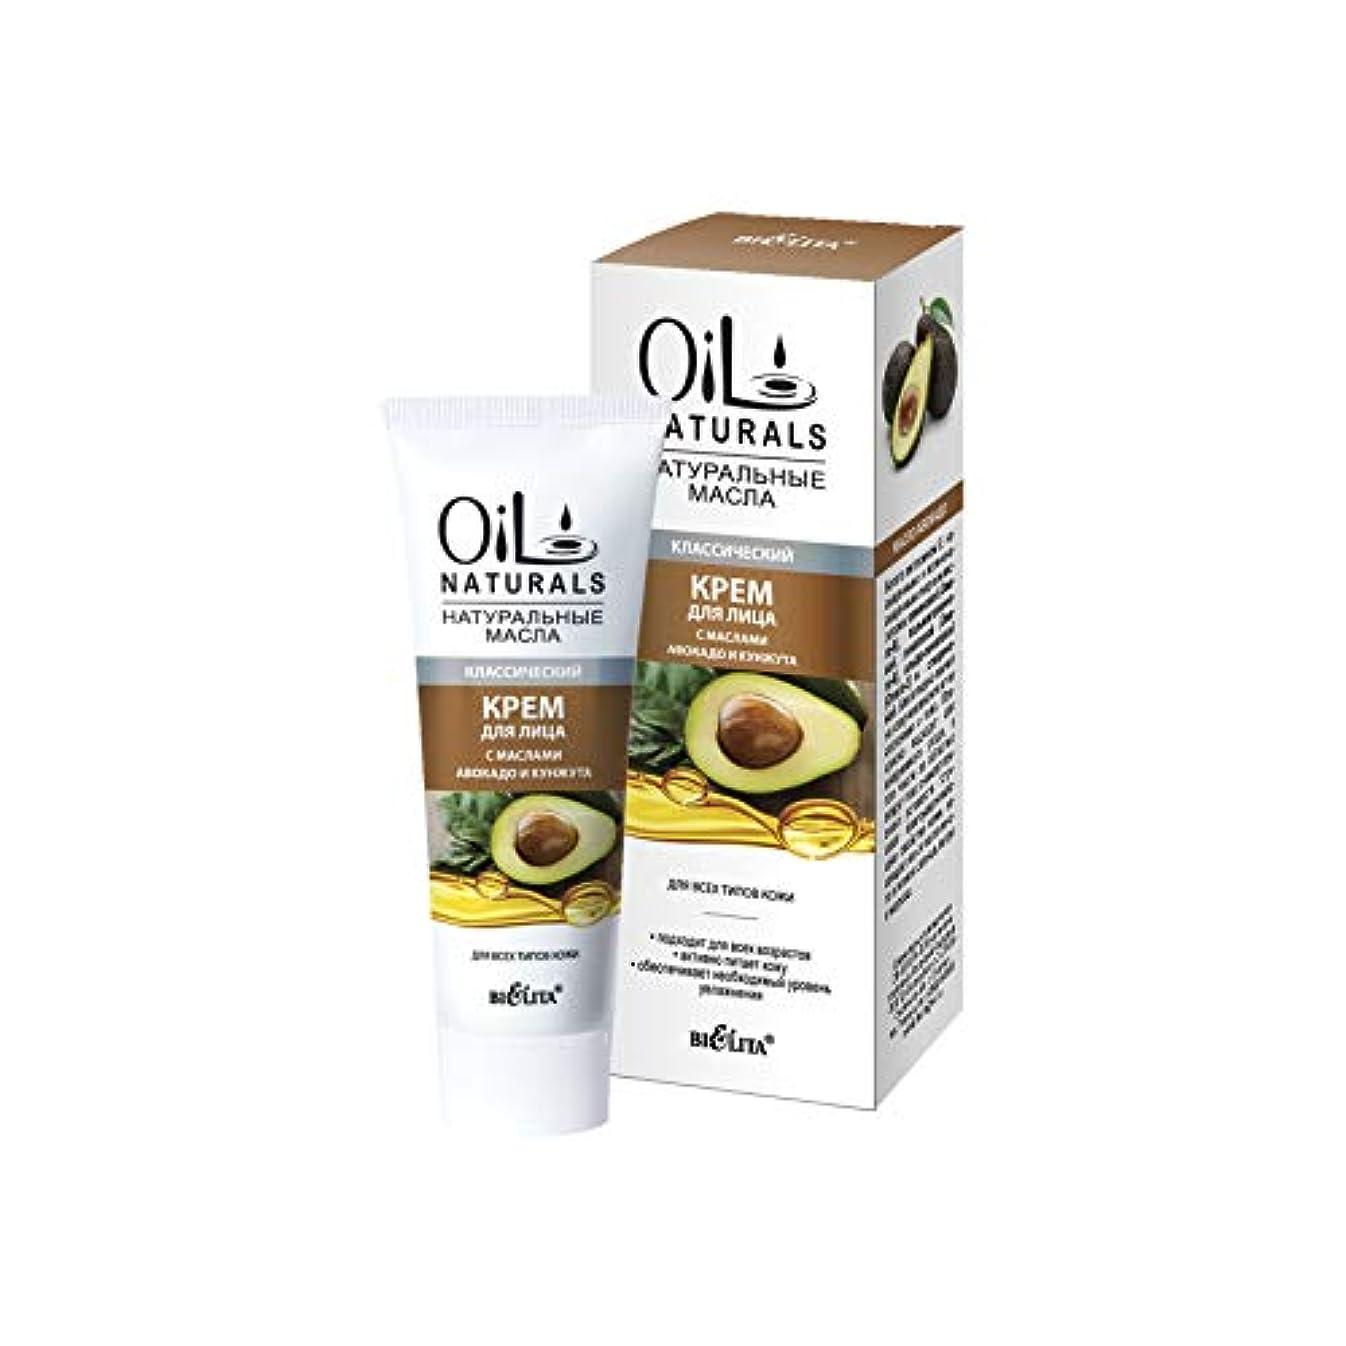 着る無意識プレーヤーBielita & Vitex  Oil Naturals Line   Classic Moisturizing Face Cream, for All Skin Types, 50 ml   Avocado Oil,...